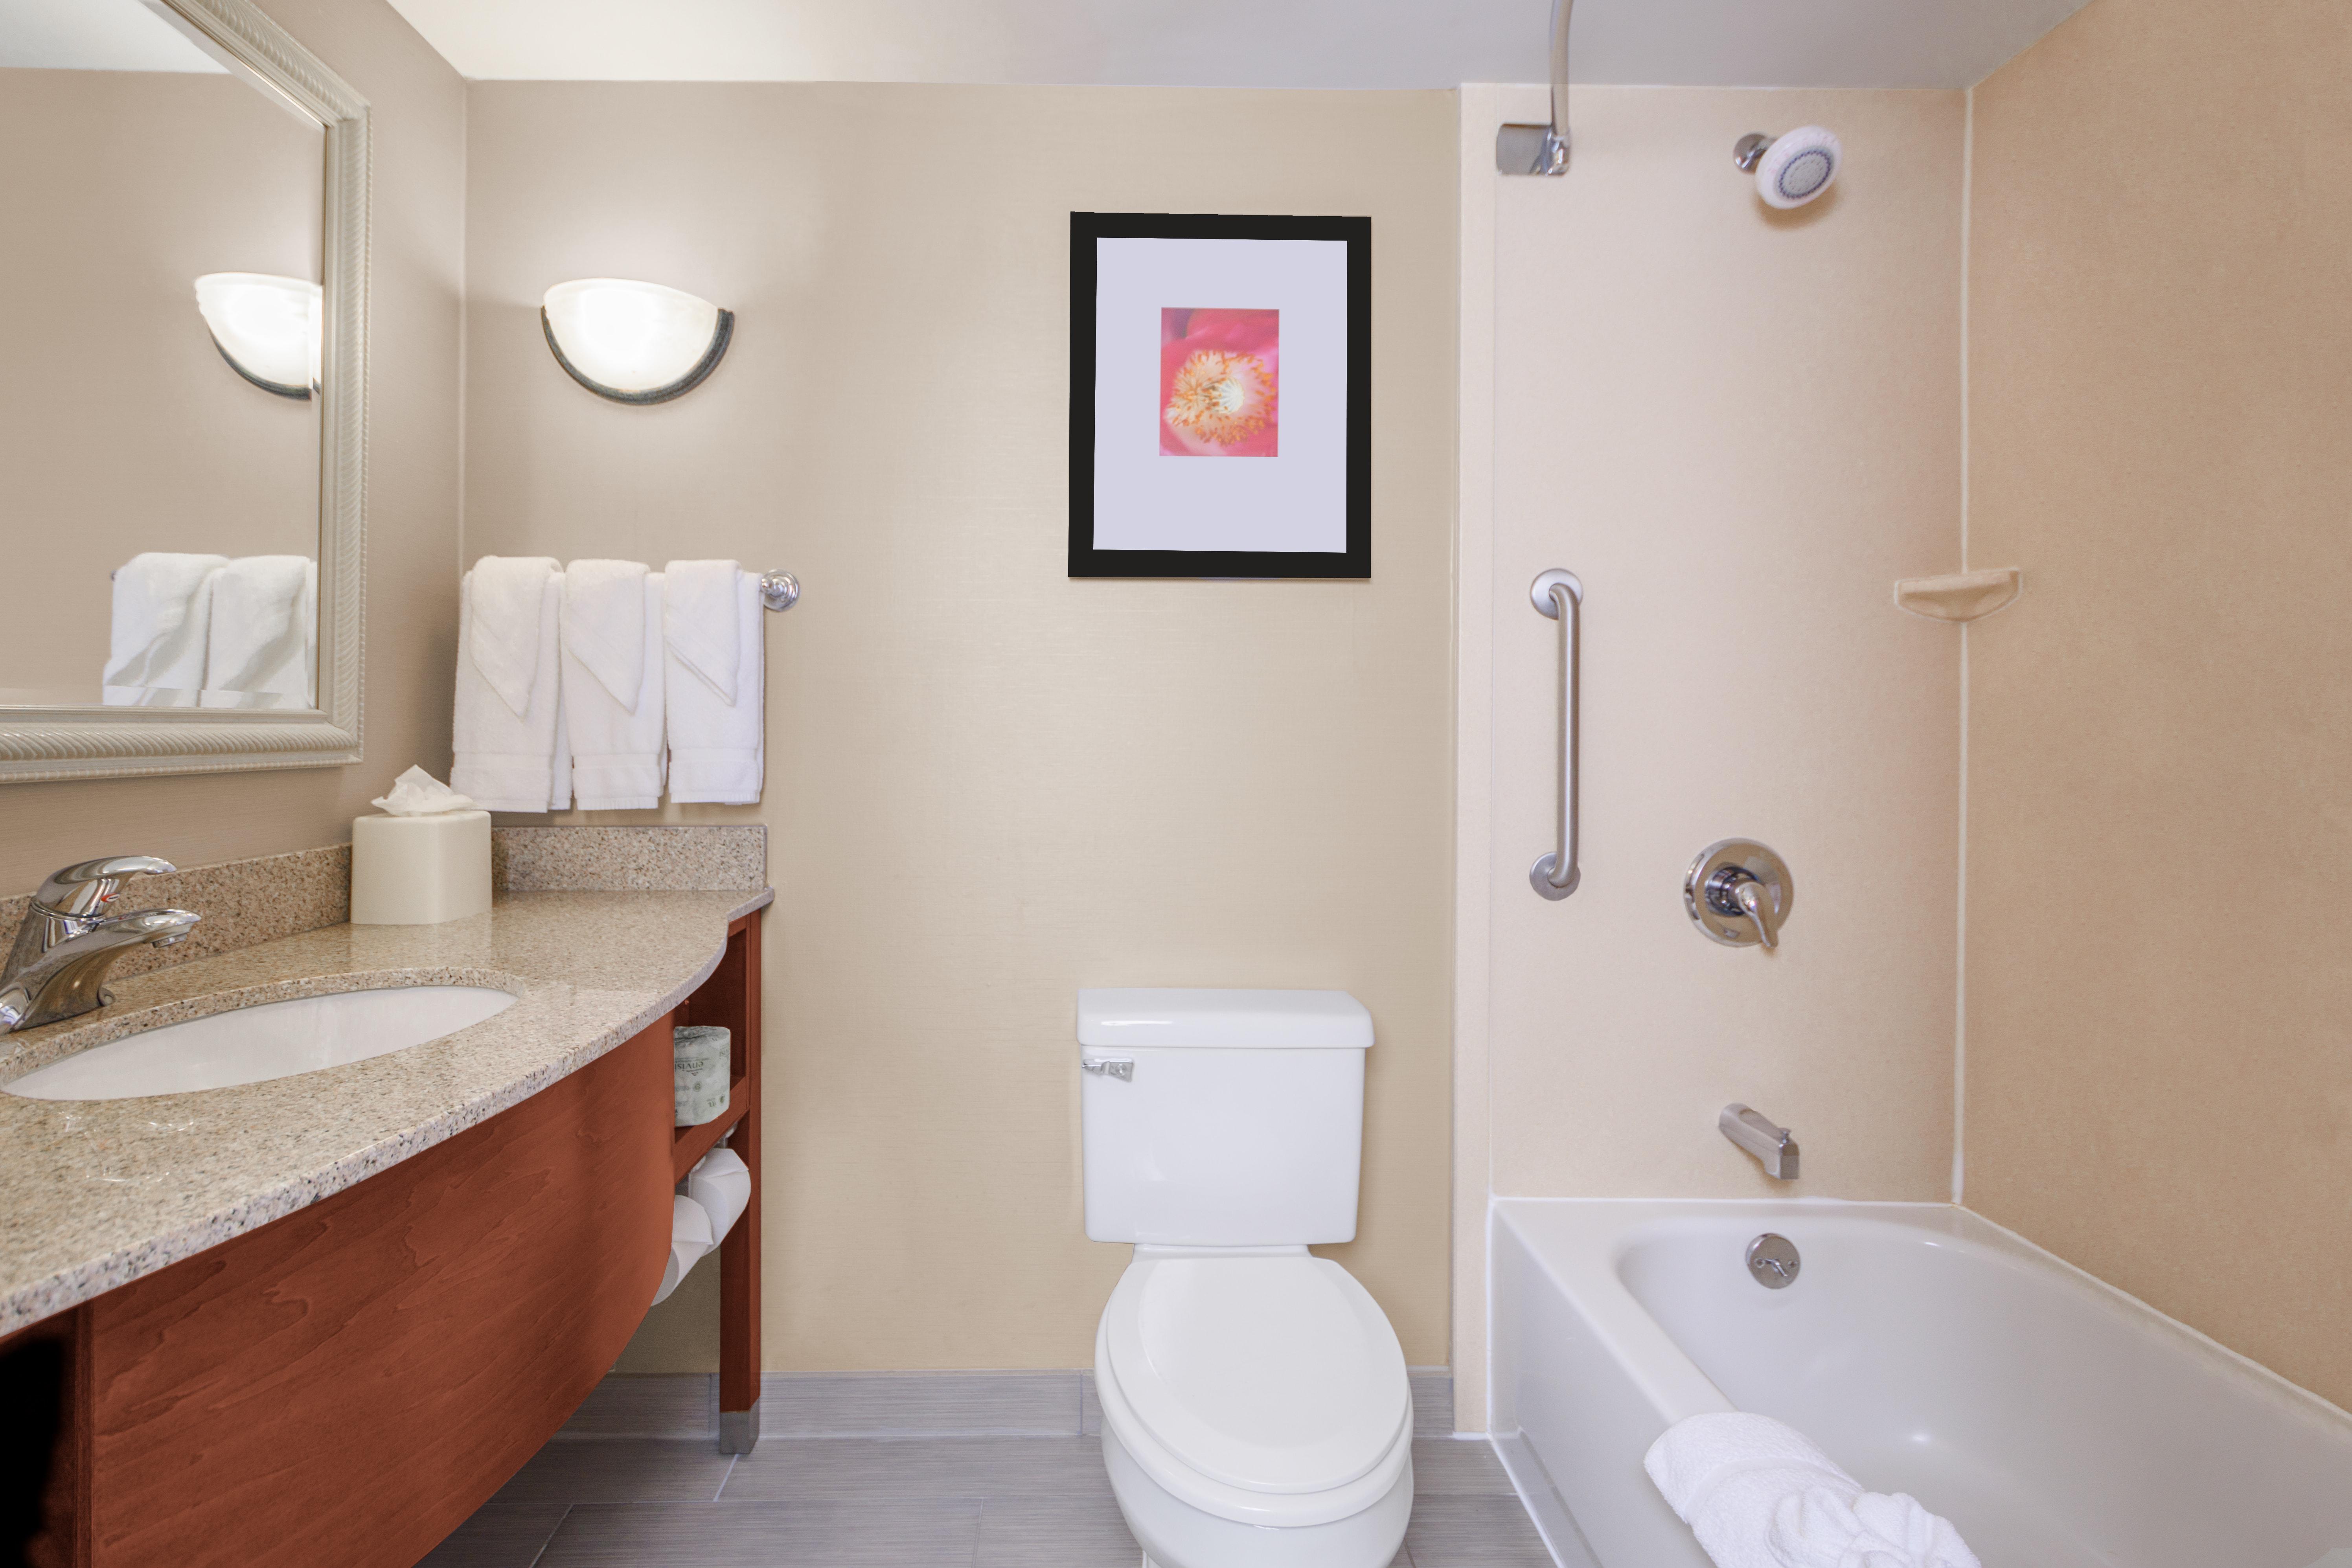 https://www.hotelsbyday.com/_data/default-hotel_image/3/16018/dsc-6566-hdra.jpg